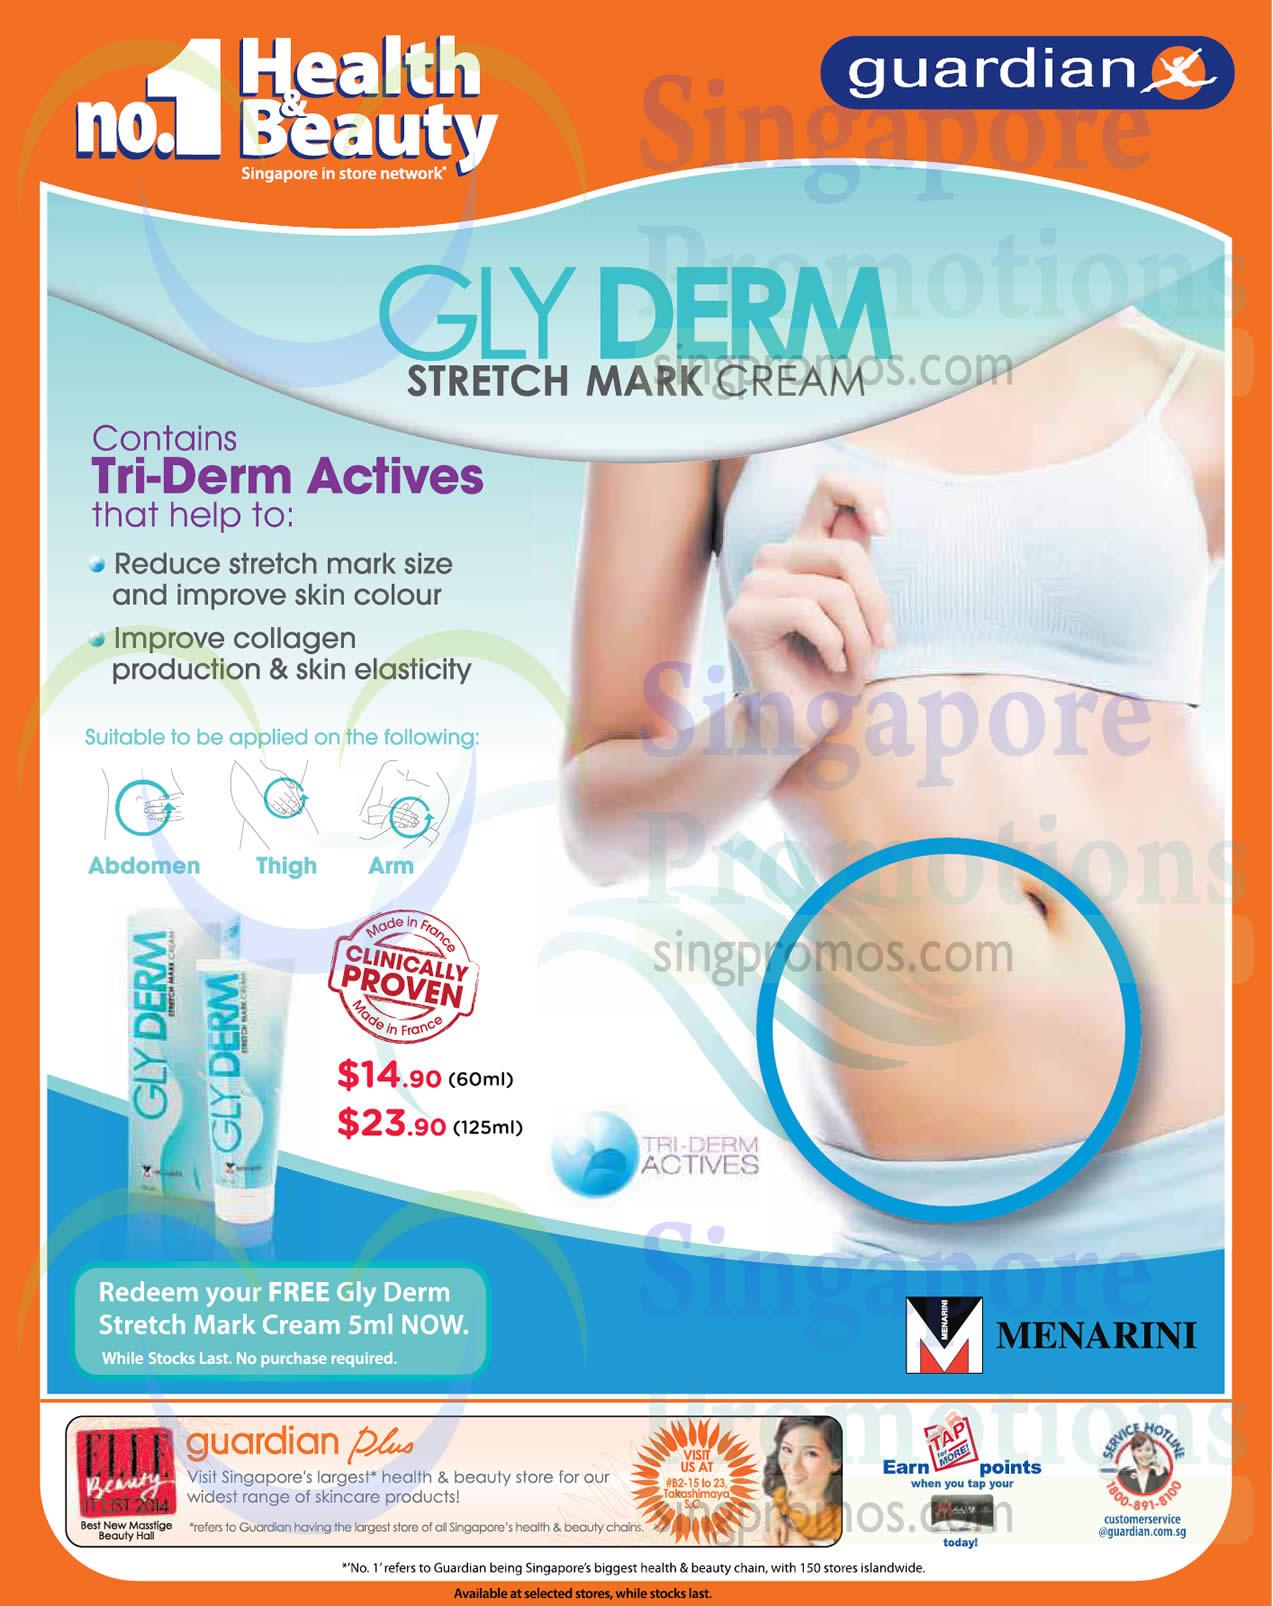 Glyderm Stretch Mark Cream